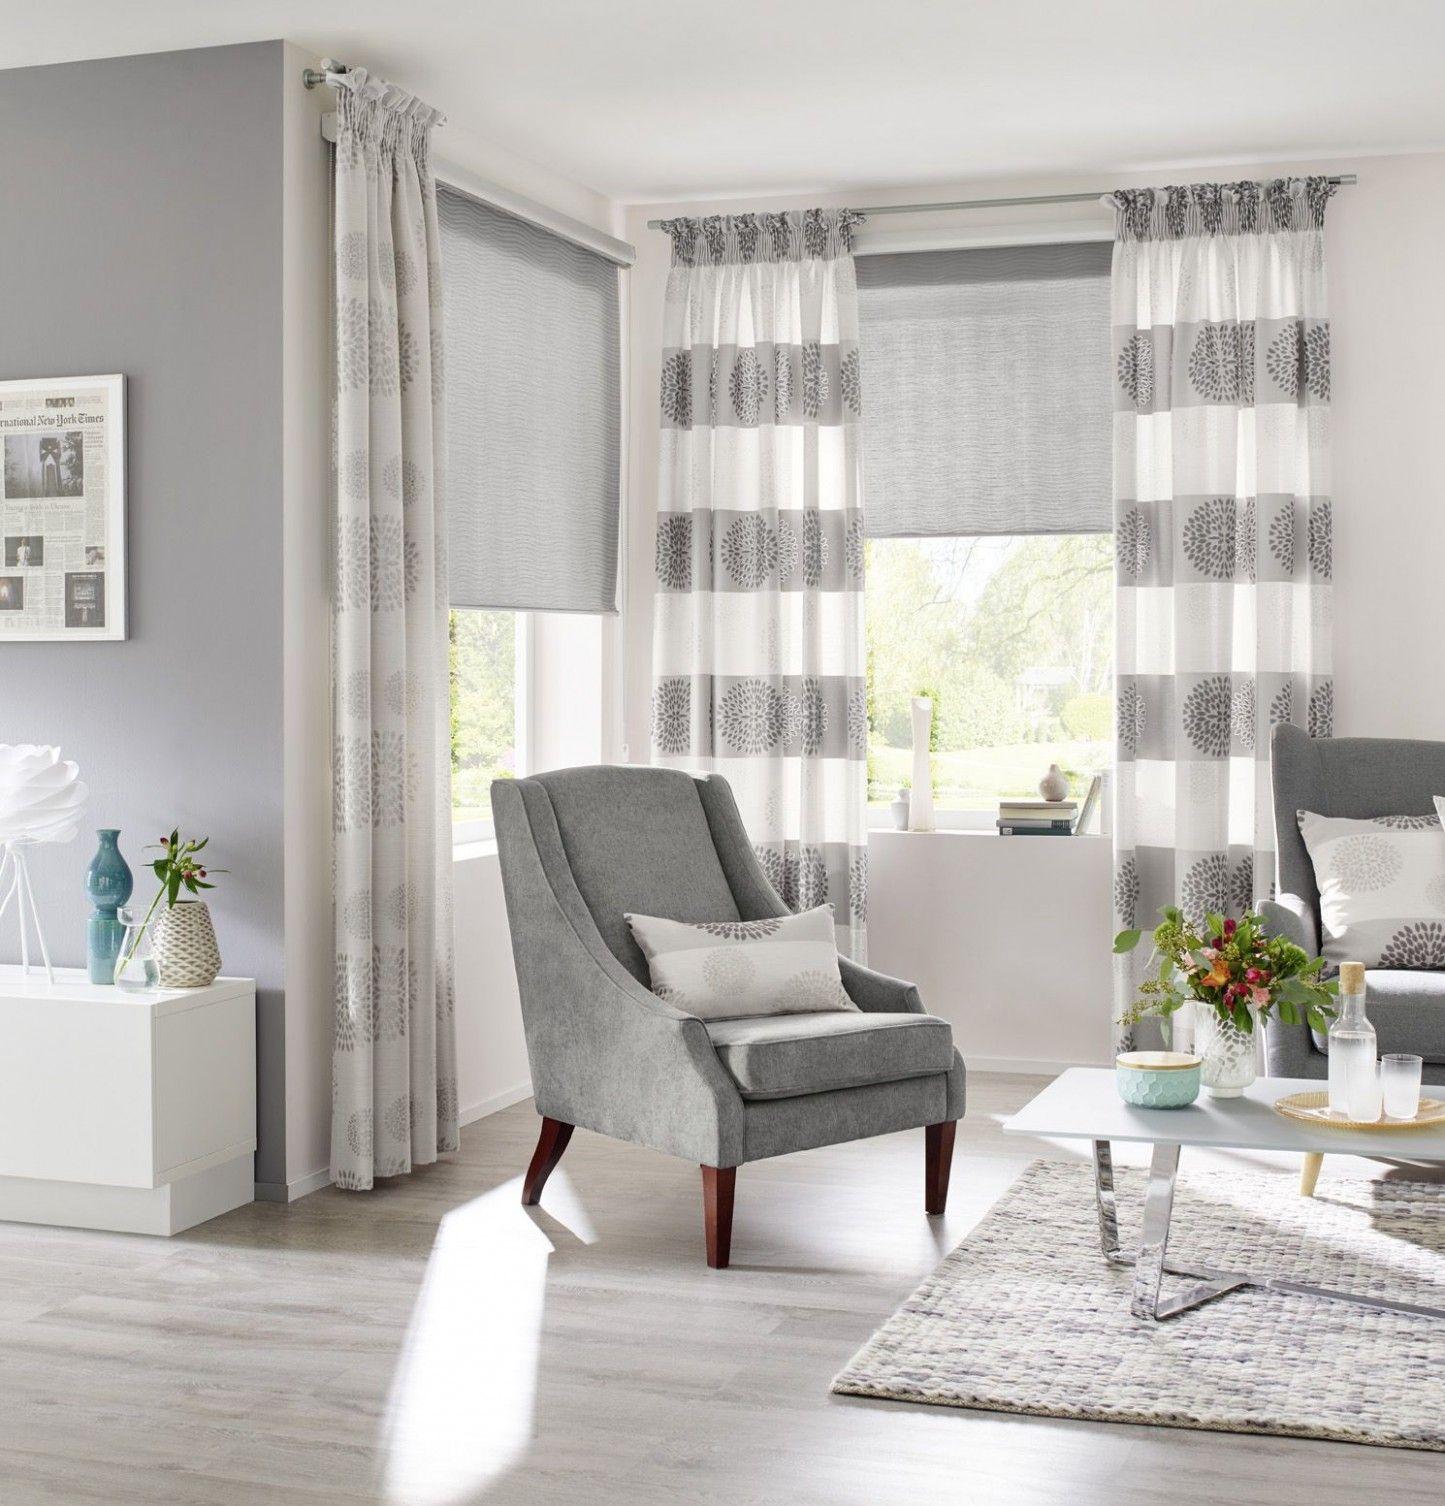 Gardinen Wohnzimmer Ideen in 9  Gardinen wohnzimmer, Vorhänge